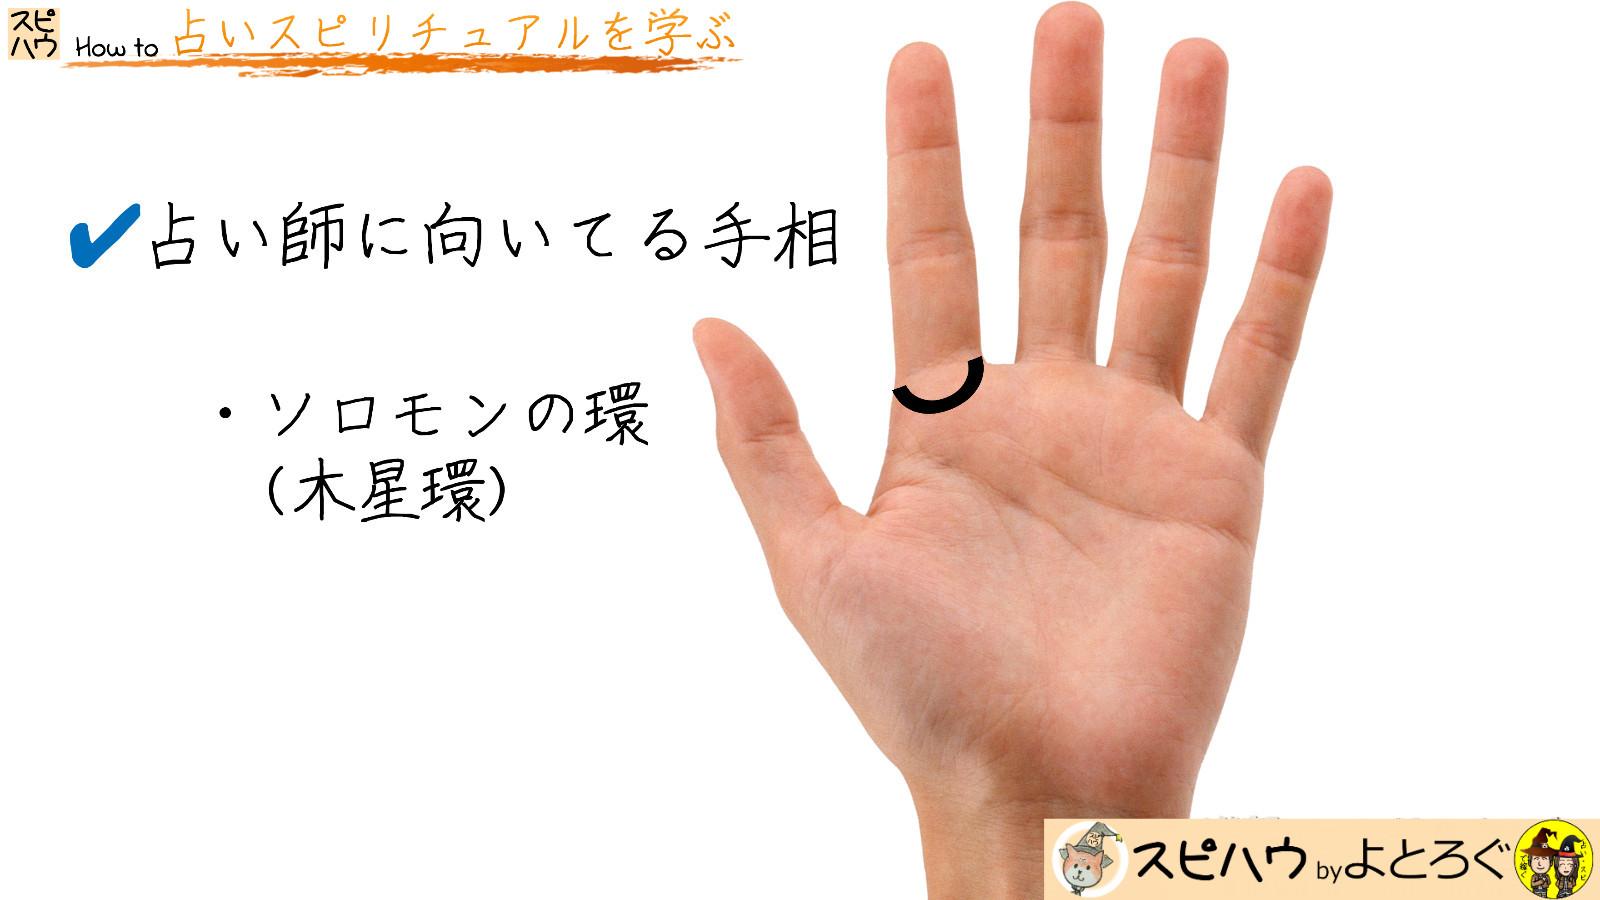 占い師に向いてると言われる手相 ソロモンの環(木星環)の説明画像